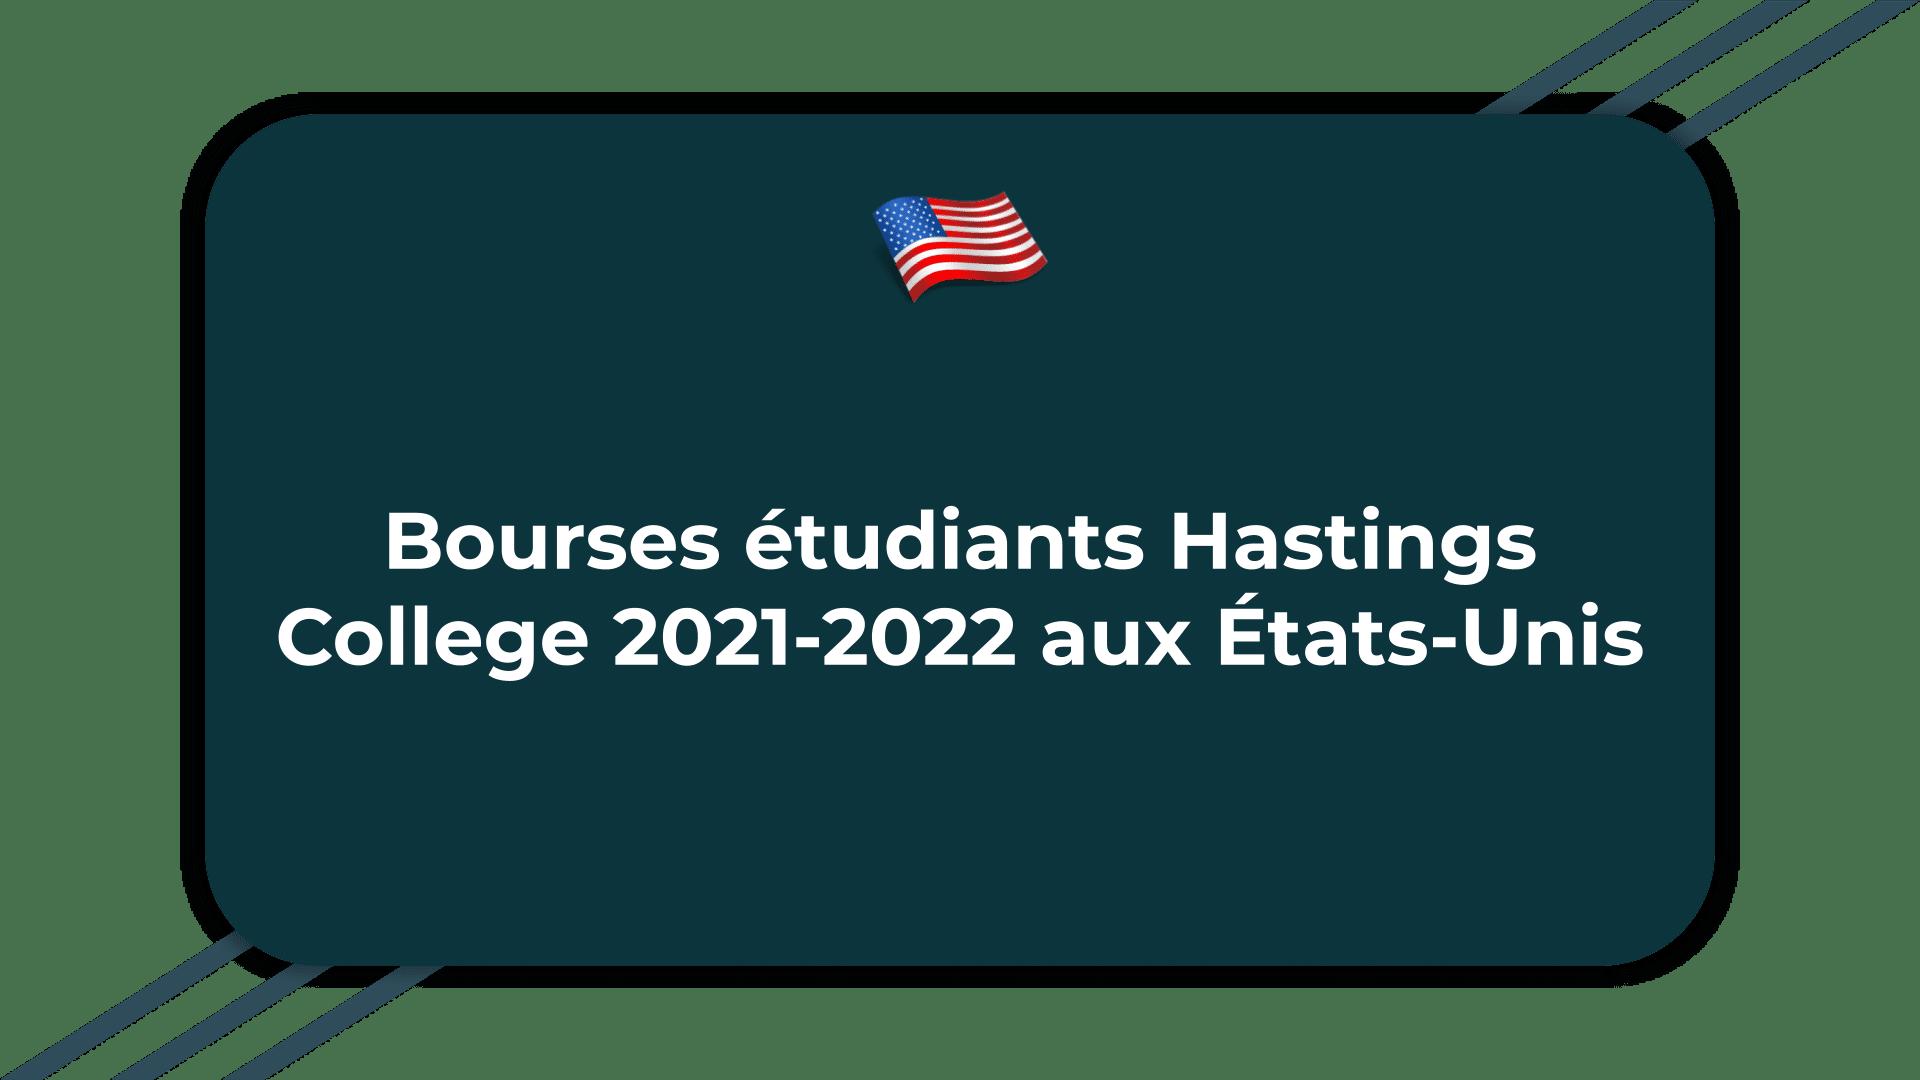 Bourses étudiants Hastings College